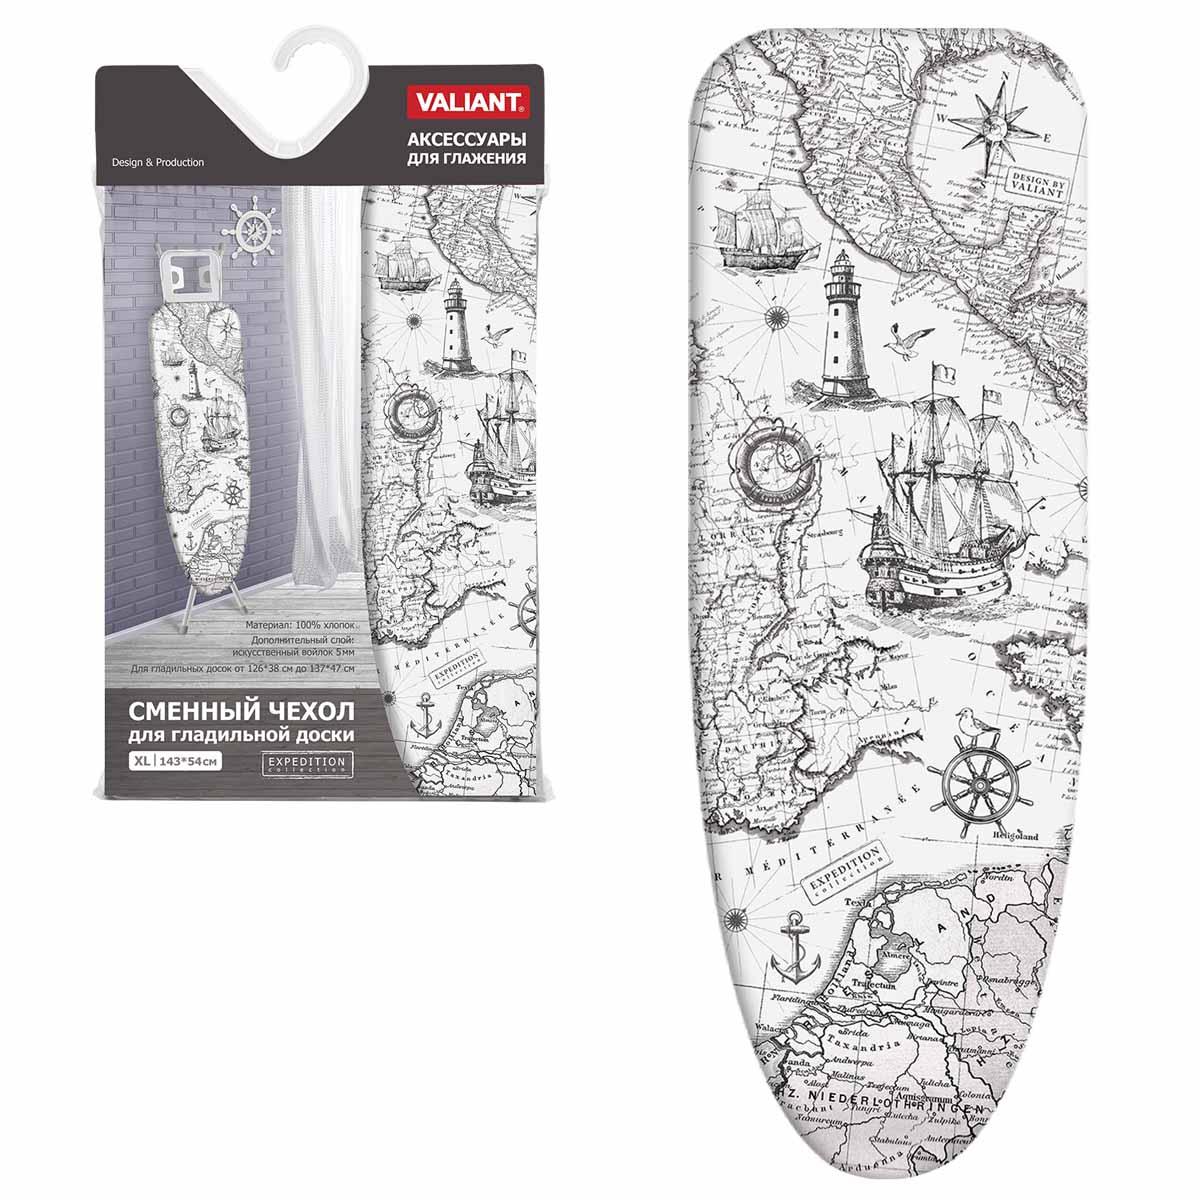 """Чехол для гладильной доски Valiant """"Expedition"""", цвет: белый, темно-коричневый, 143 х 54 см"""